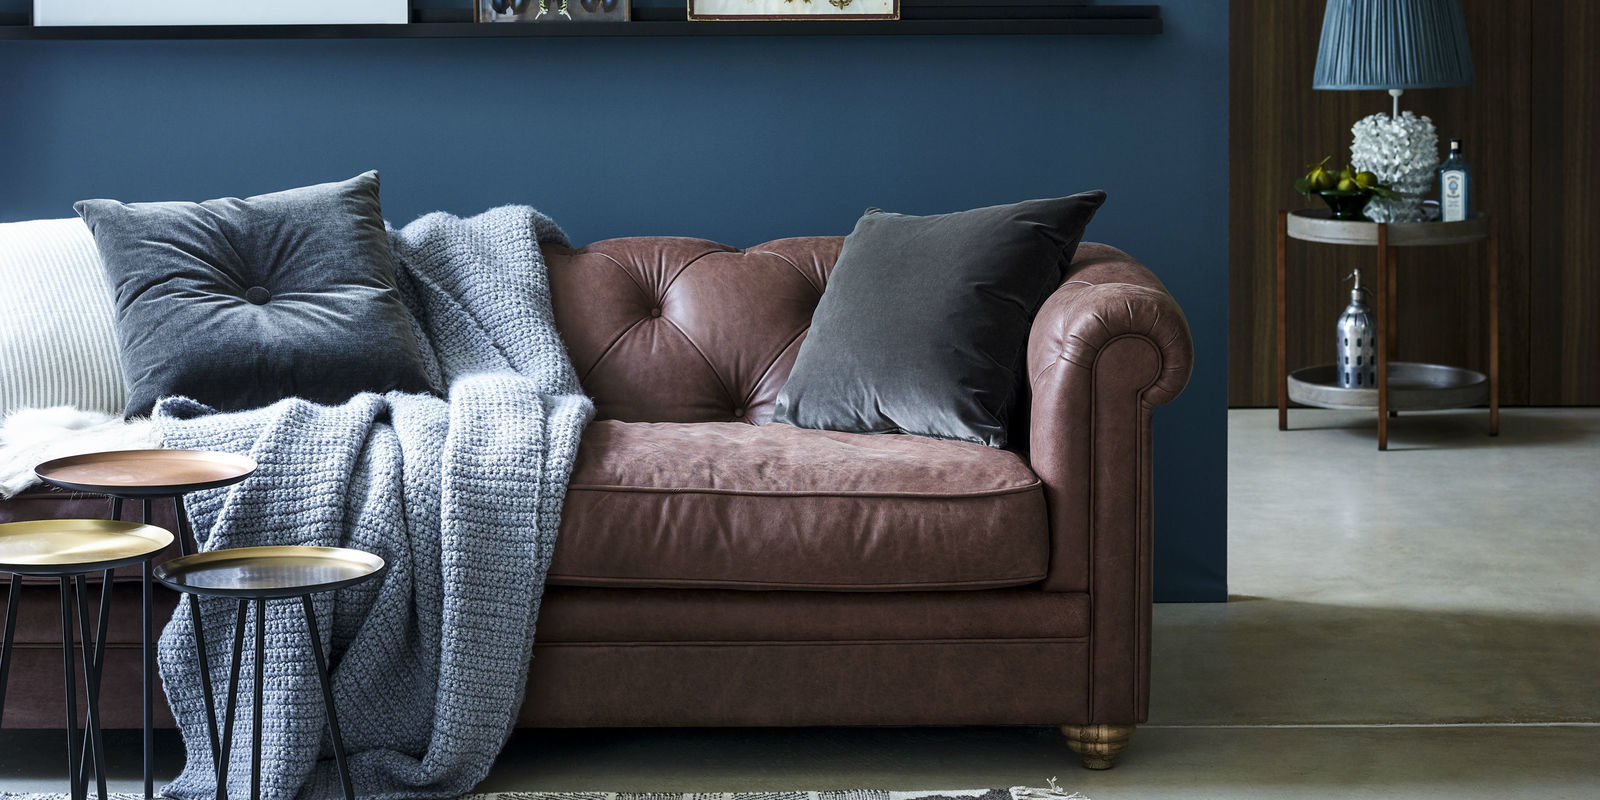 Je kunt tegenwoordig zonder moeite je eigen meubels ontwerpen for Je eigen slaapkamer ontwerpen